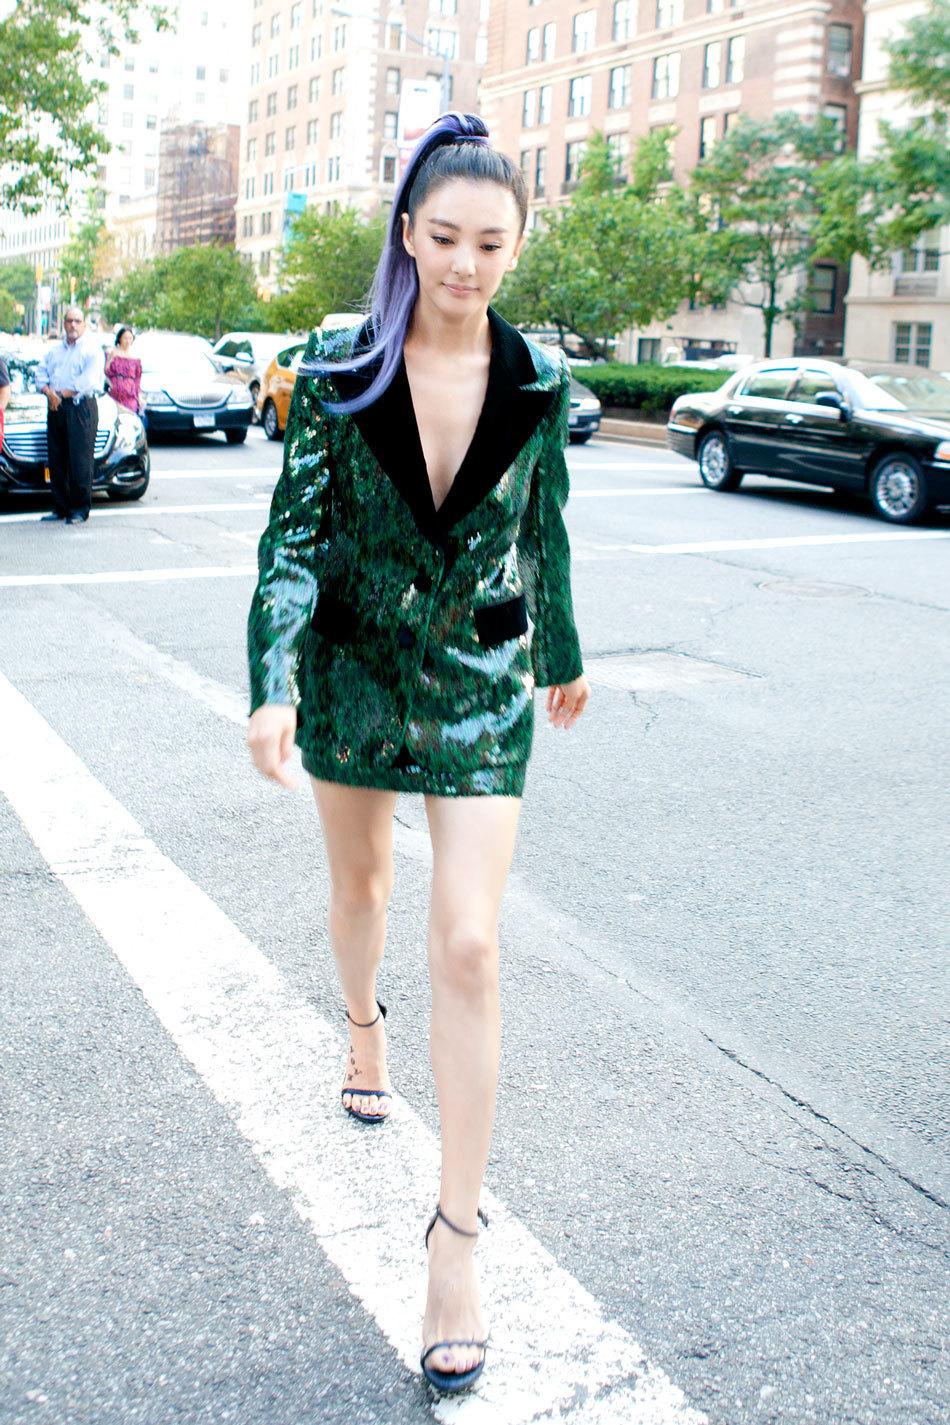 """大胆选择真空上阵配西装外套,超短裙展露修长美腿,性感火辣,""""冲天炮""""图片"""